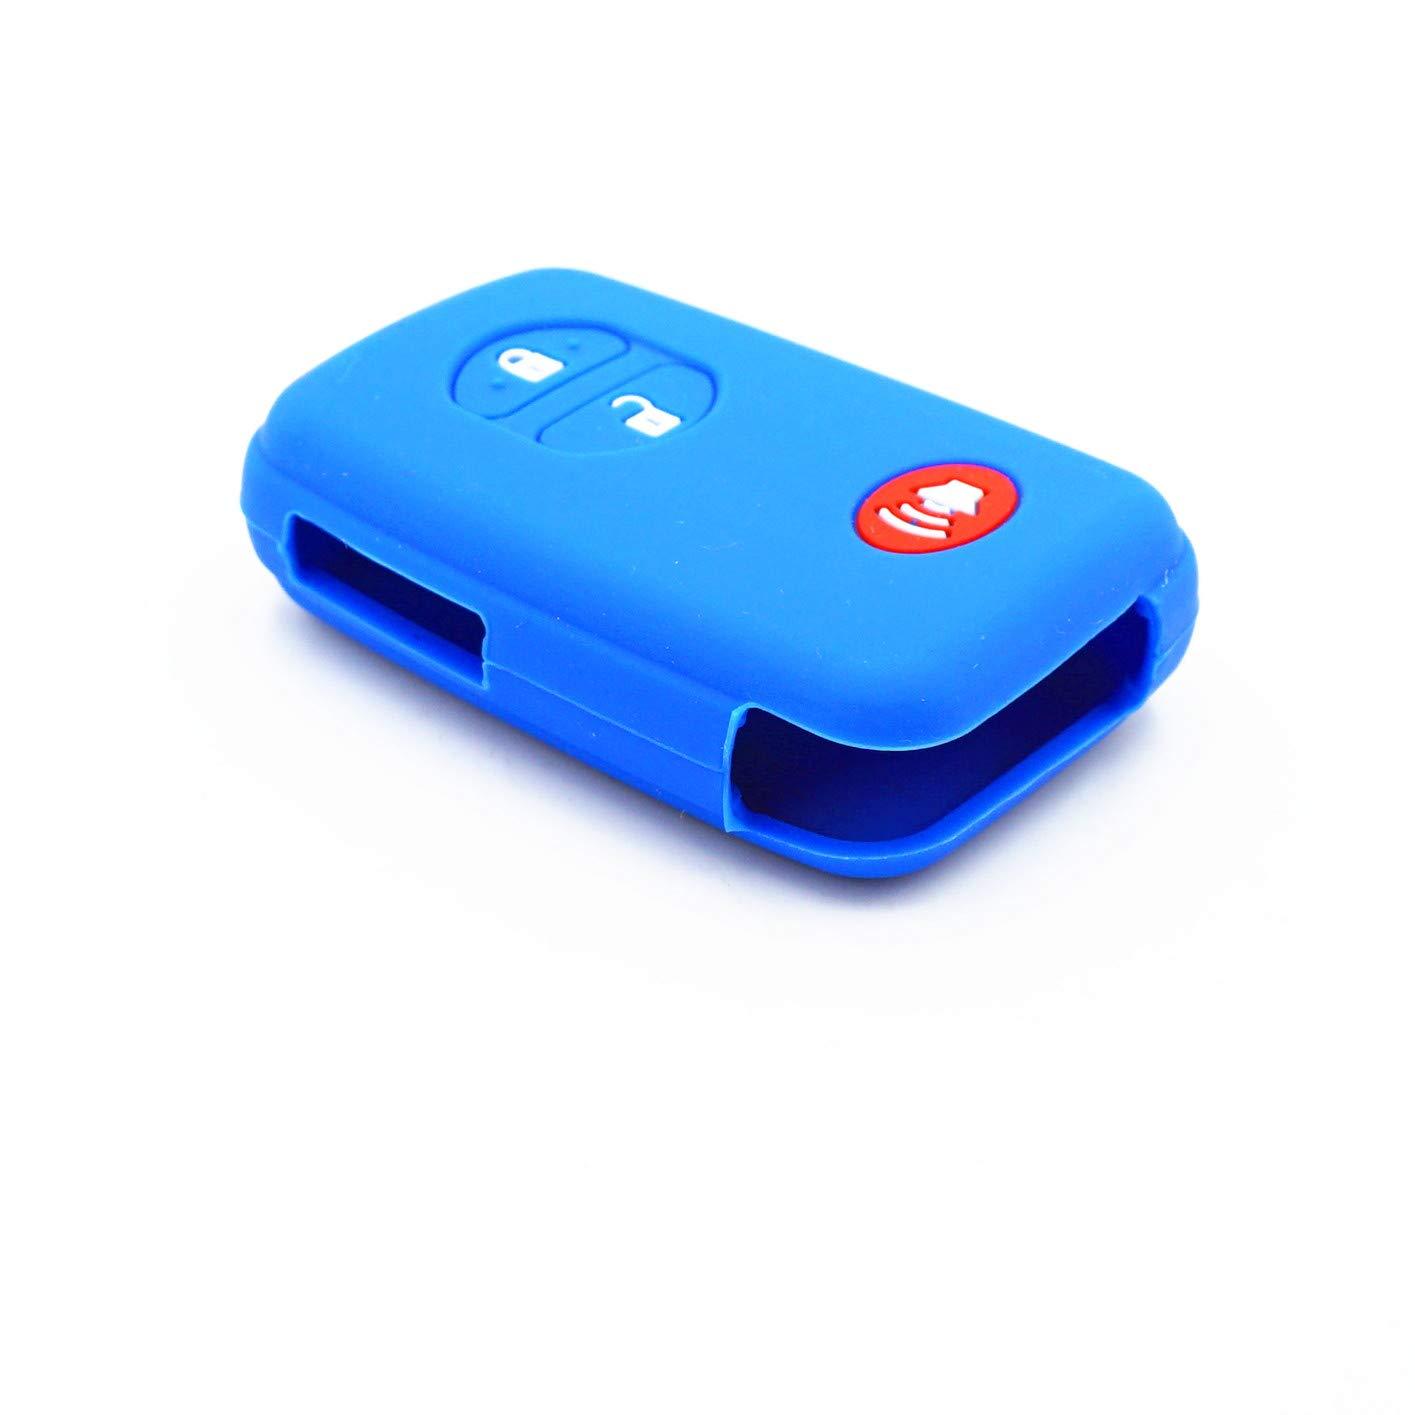 WFMJ 2Pcs Blue Red Silicone for Toyota 4Runner Avalon Camry Corolla Highlander Land Cruiser Venza Prius C V PHV RAV4 Prado 3 Buttons Smart Key Case Keyring Cover Chain